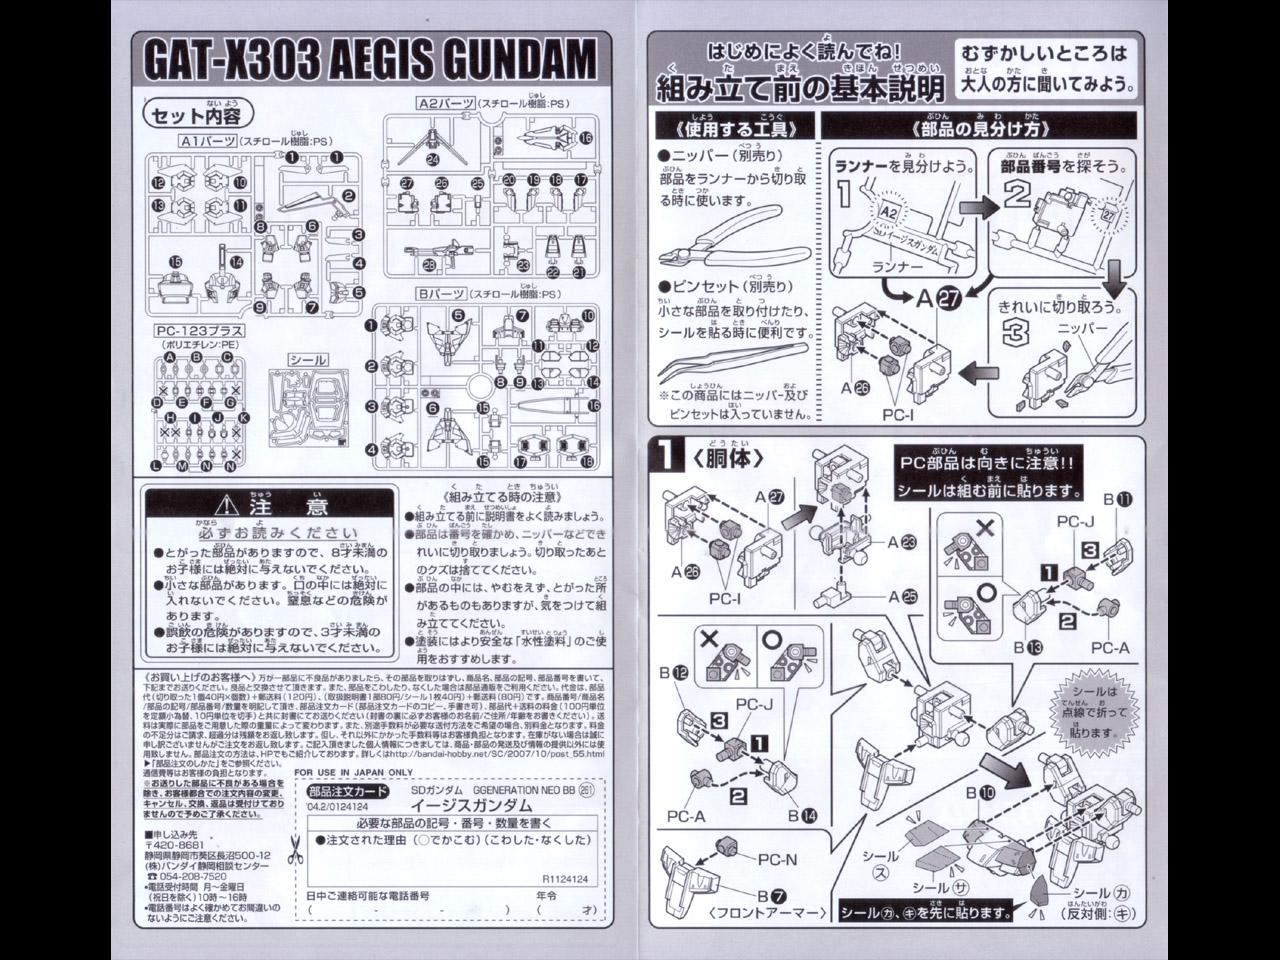 BB261_Aegis_Gundam_06.jpg